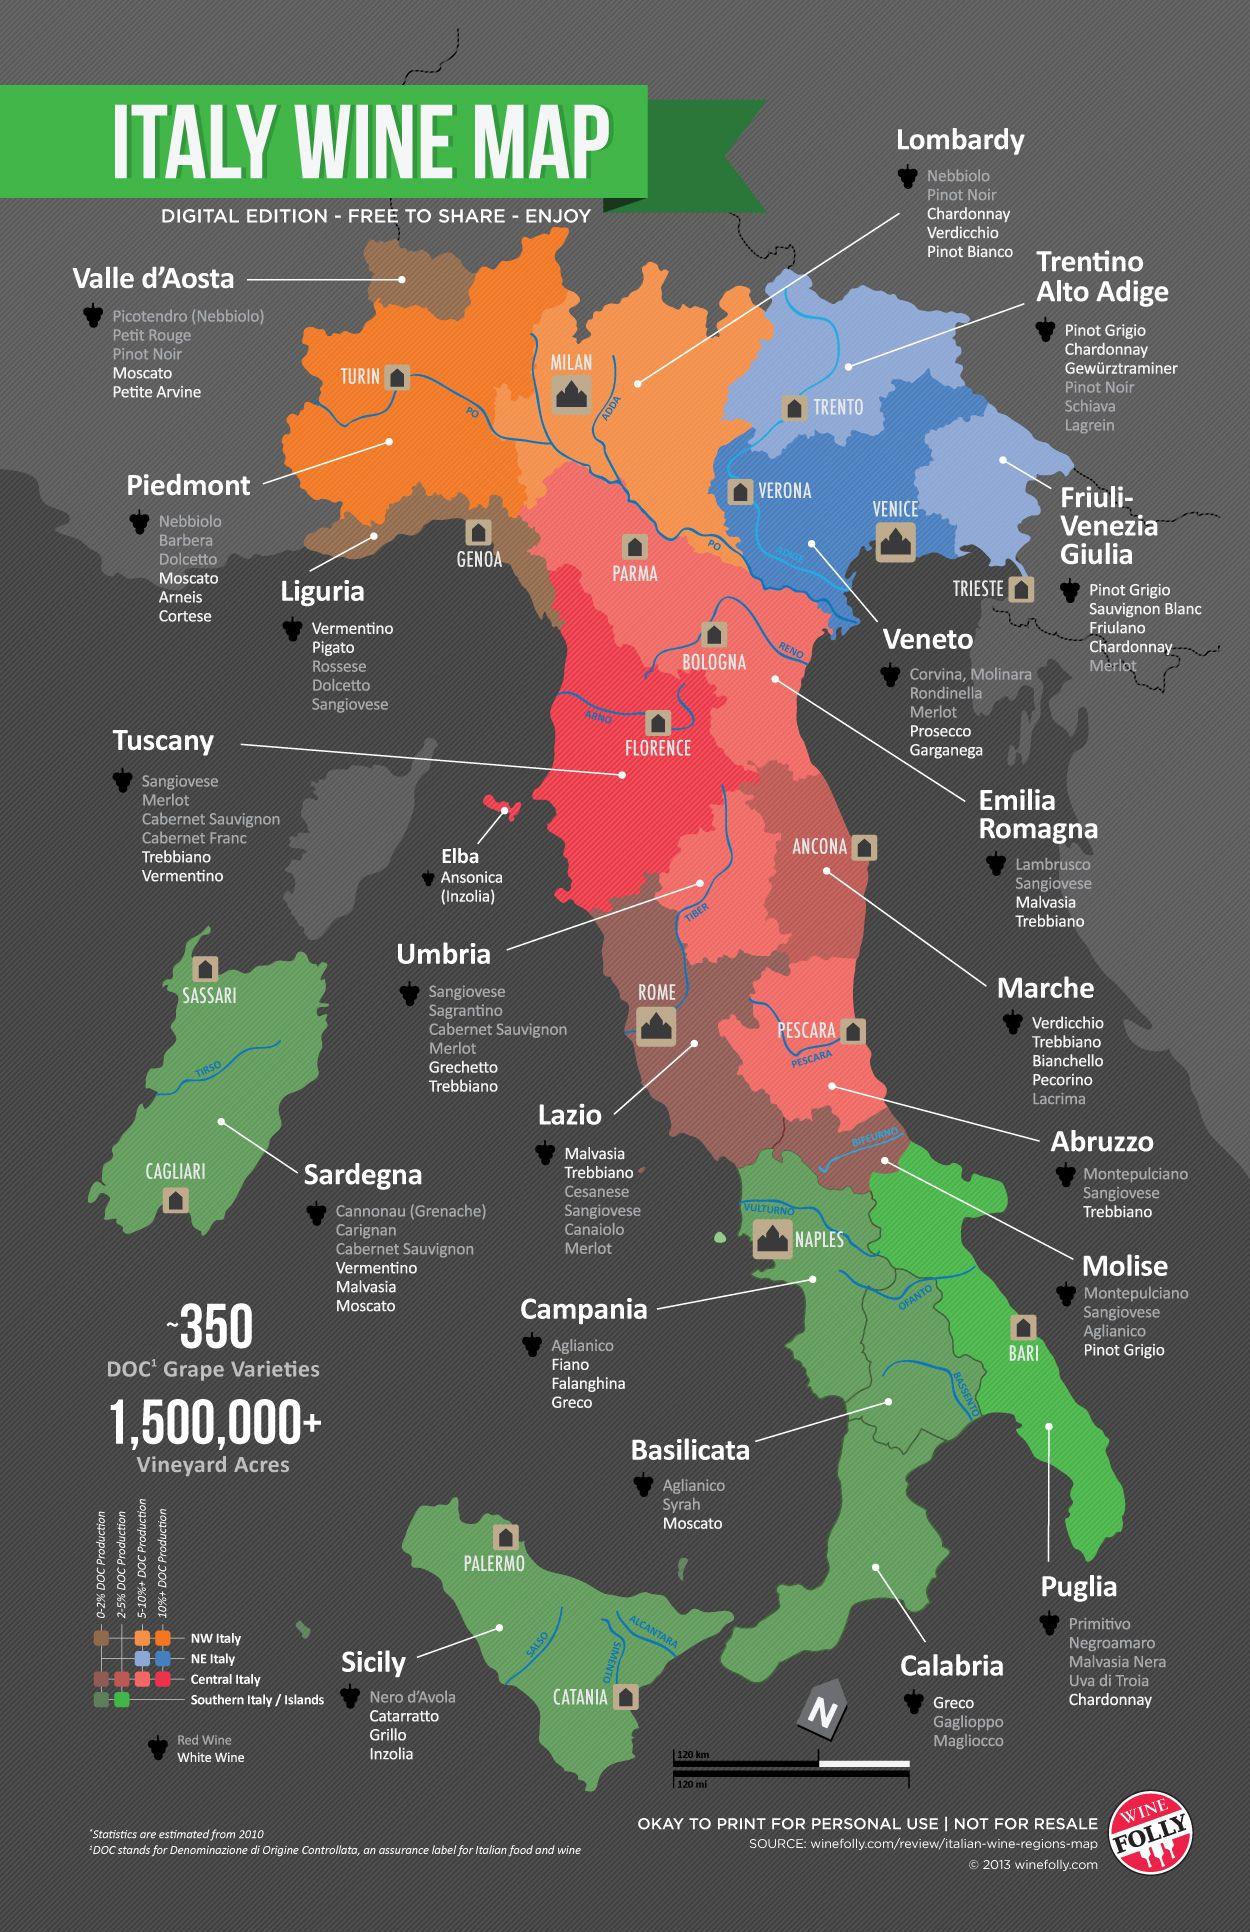 La mappa dei vini italiani secondo Wine Folly / Italian Wines' Map according to Wine Folly